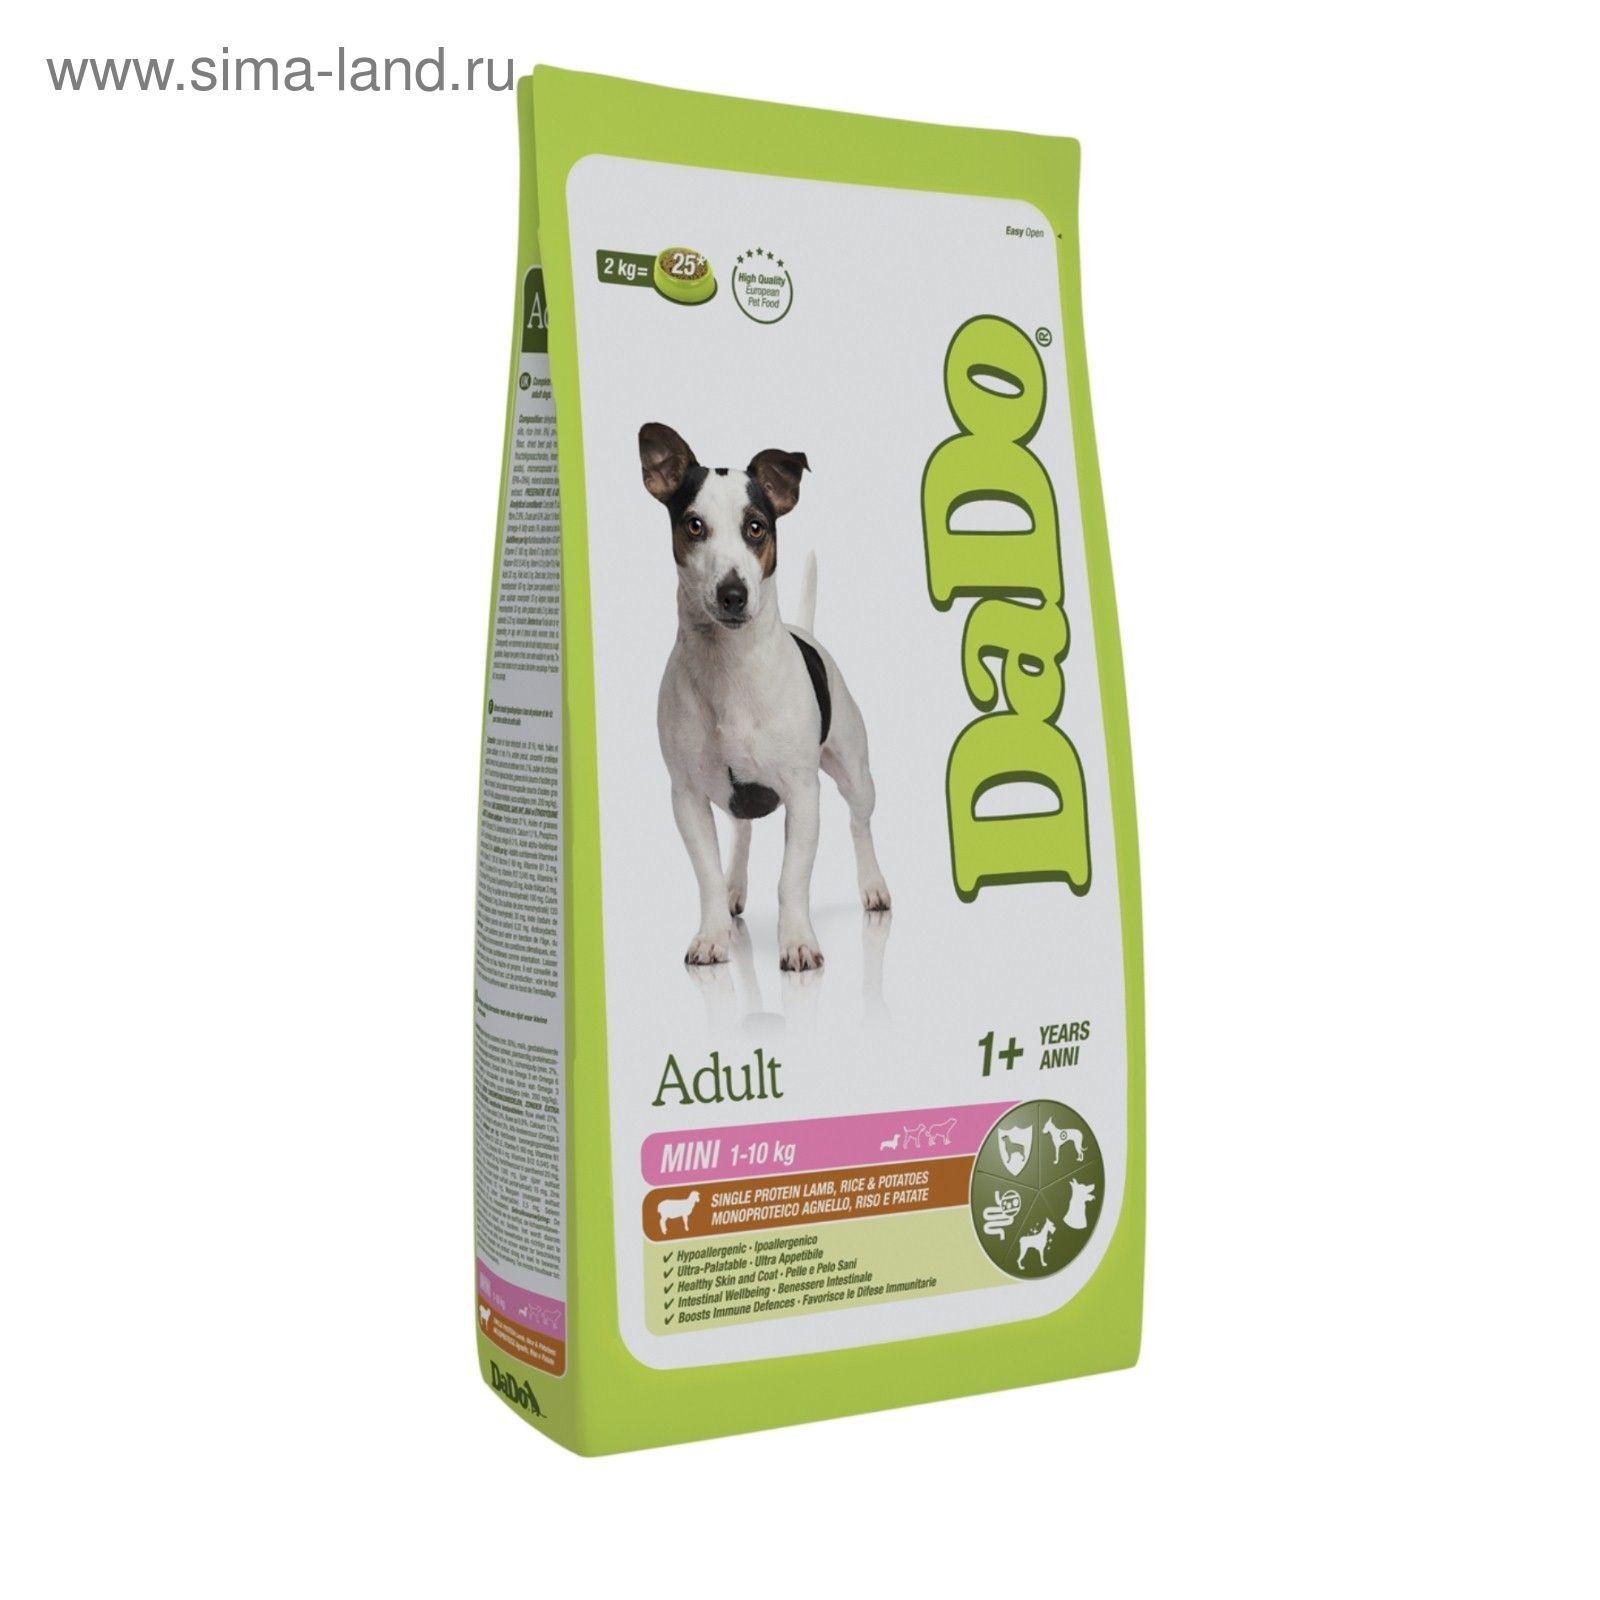 Сухой корм DaDo для собак мелких пород, с ягненком, рисом и картофелем, 700 г.